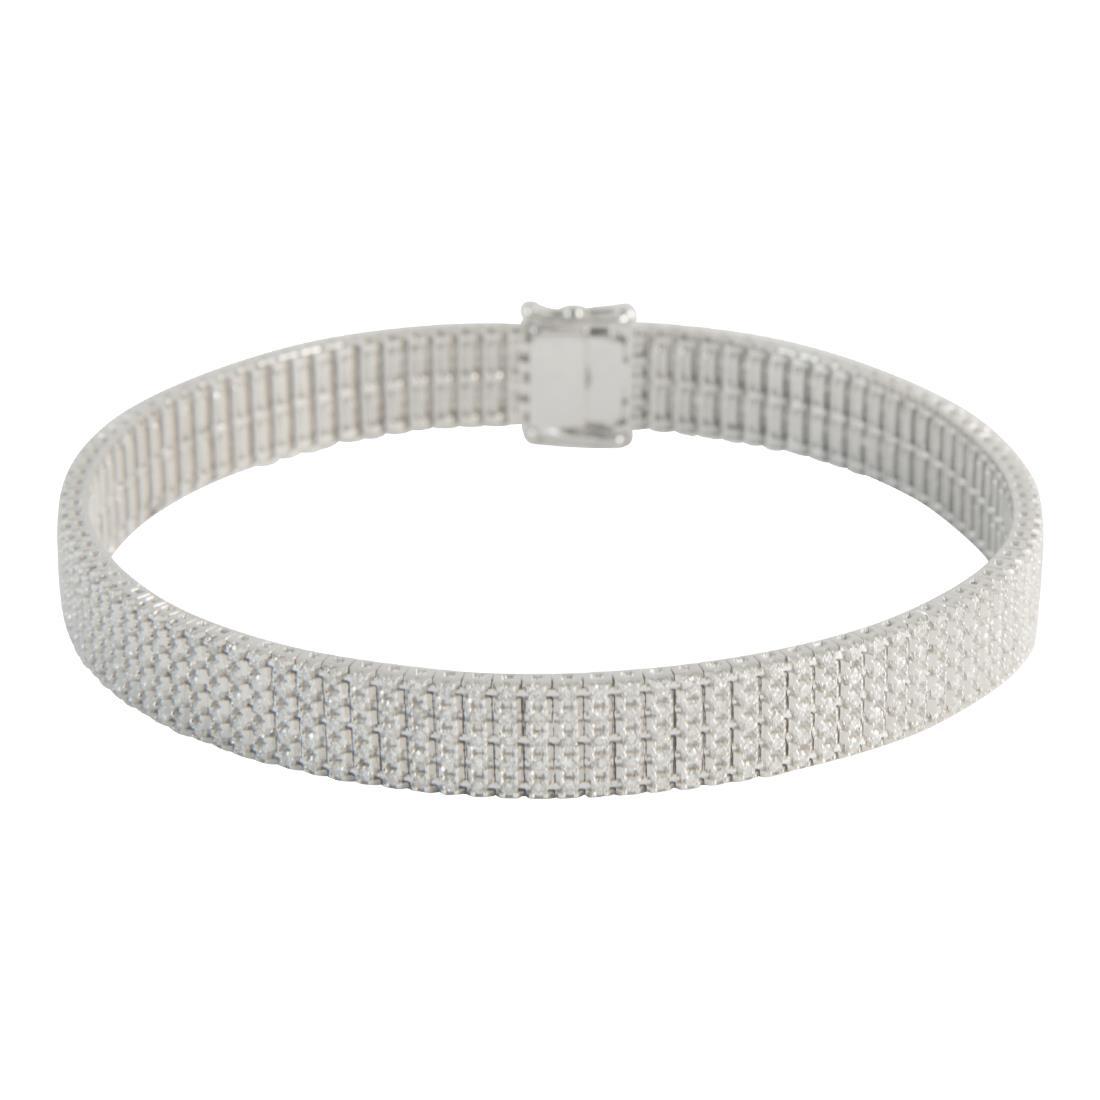 Bracciale  unito 5 file in oro bianco misura 18cm con diamanti ct 2.80 - ALFIERI ST JOHN